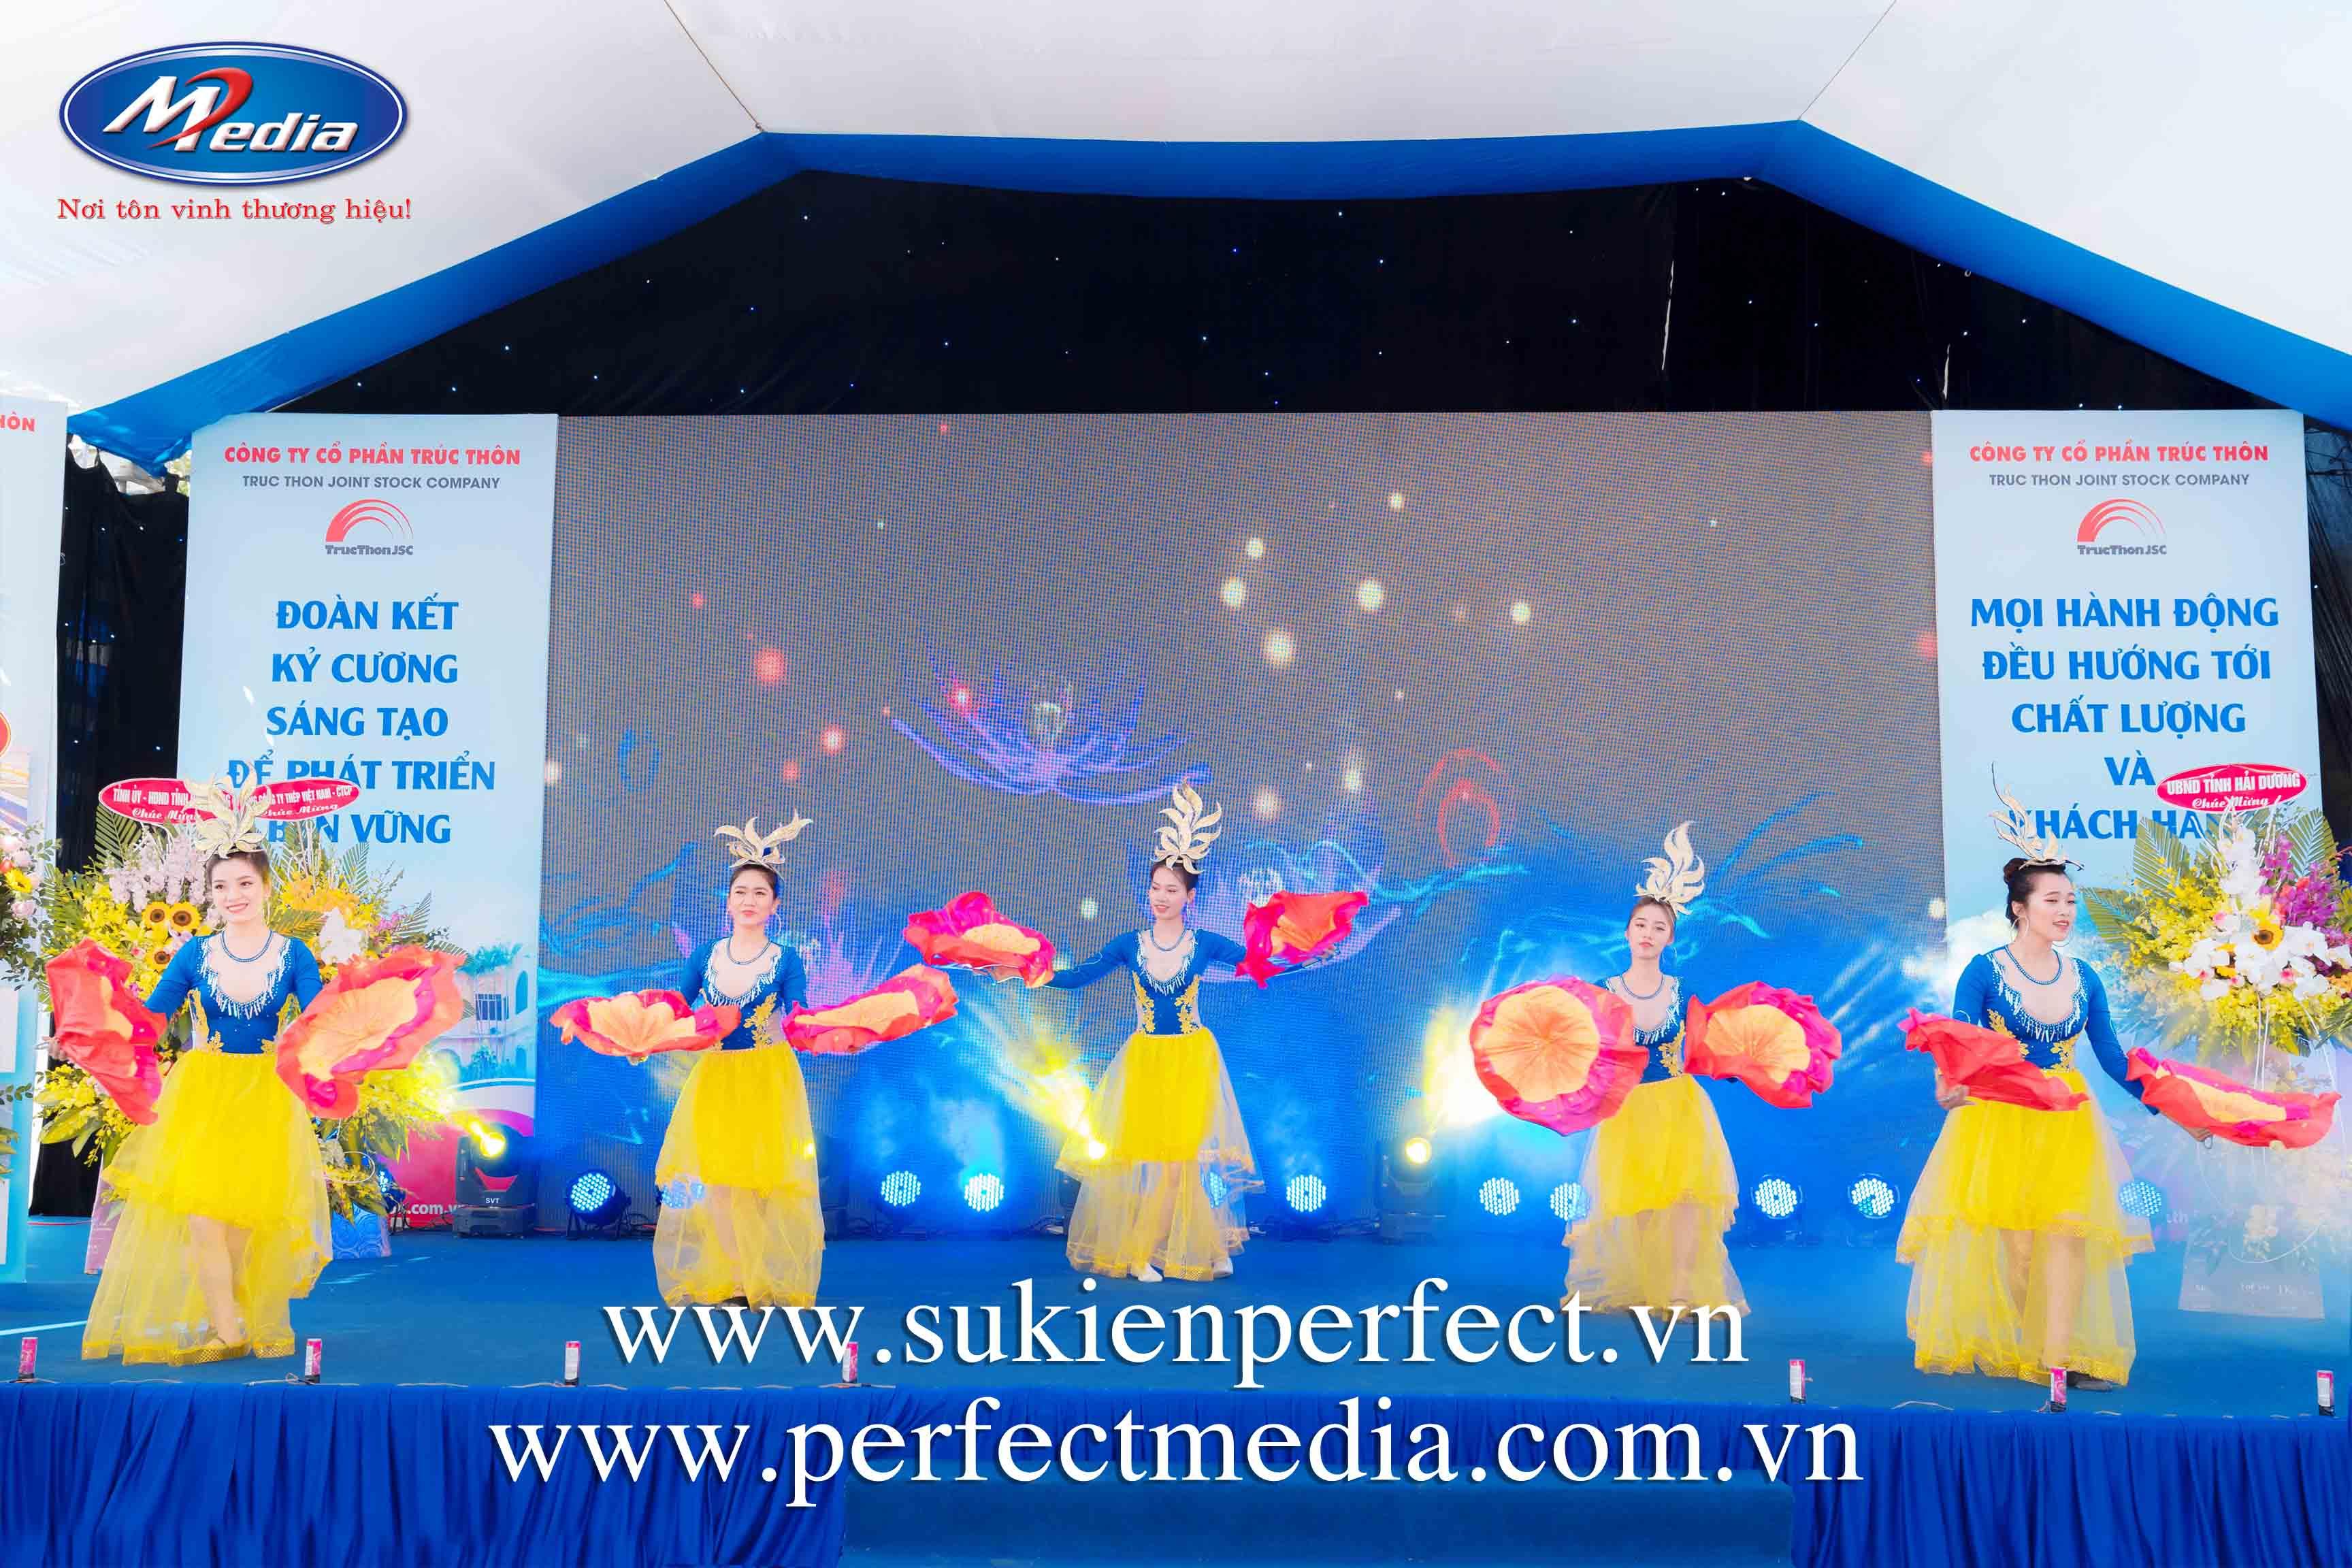 Nhân sự tổ chức lễ khai trương, khánh thành tại Bắc Ninh